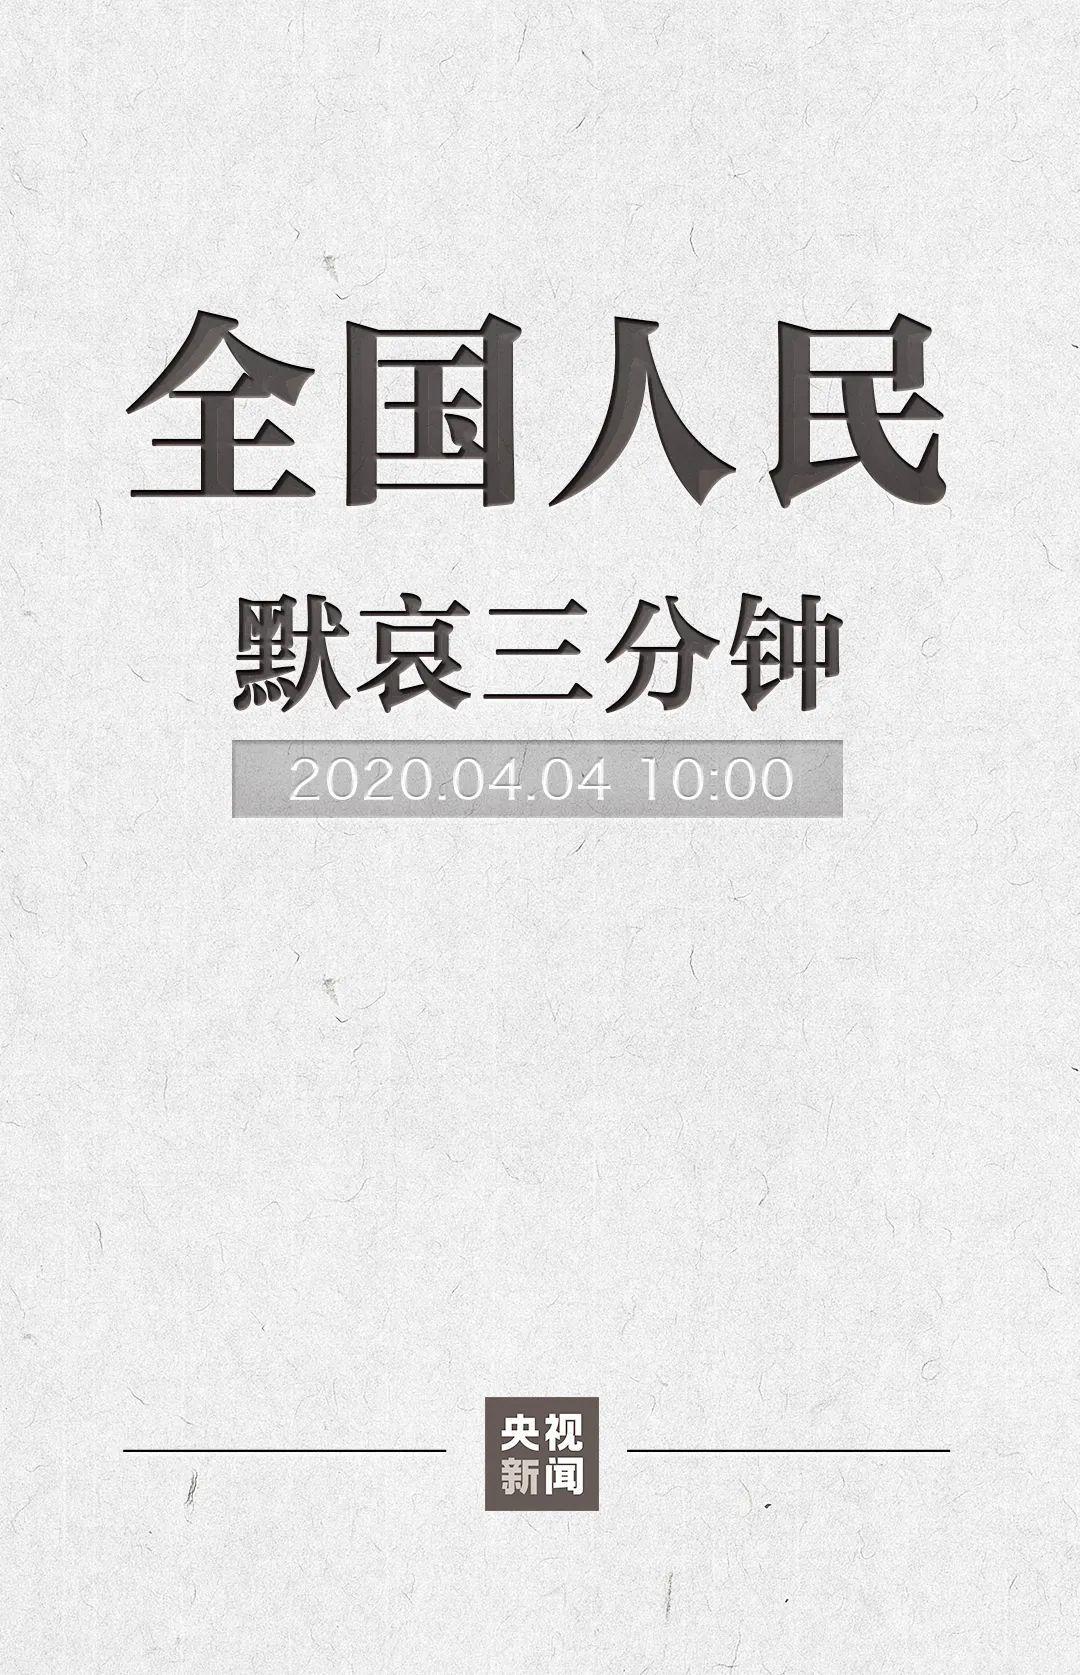 全国人民在哀悼!(最新图片)_贴图专区_论坛_天涯社区